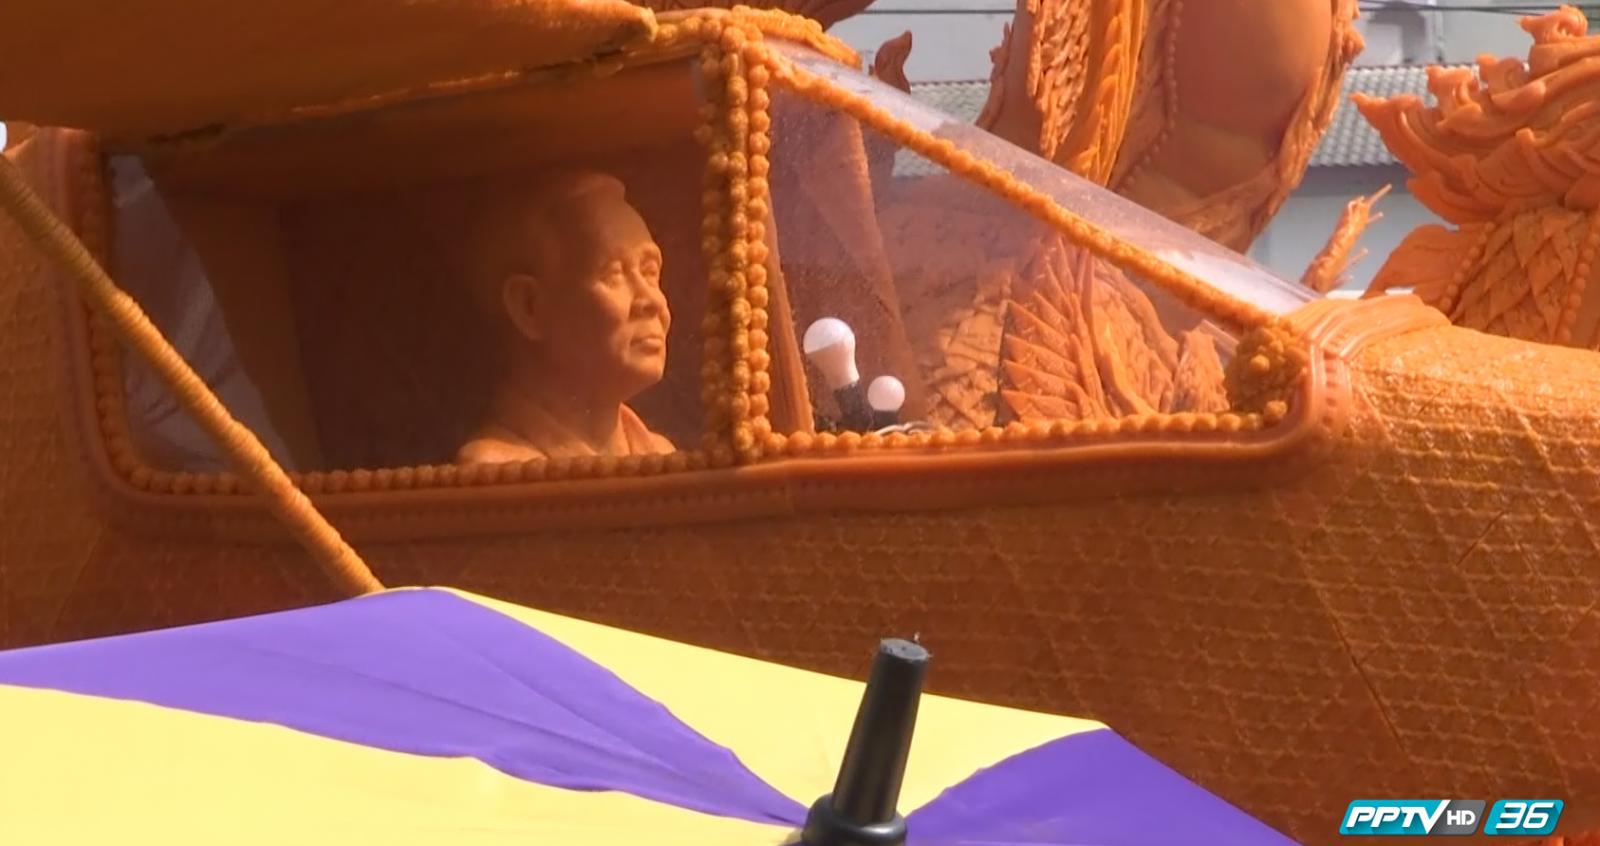 ชาวโคราชแห่ชมเทียนพรรษา นายกฯขับเครื่องบิน (คลิป)